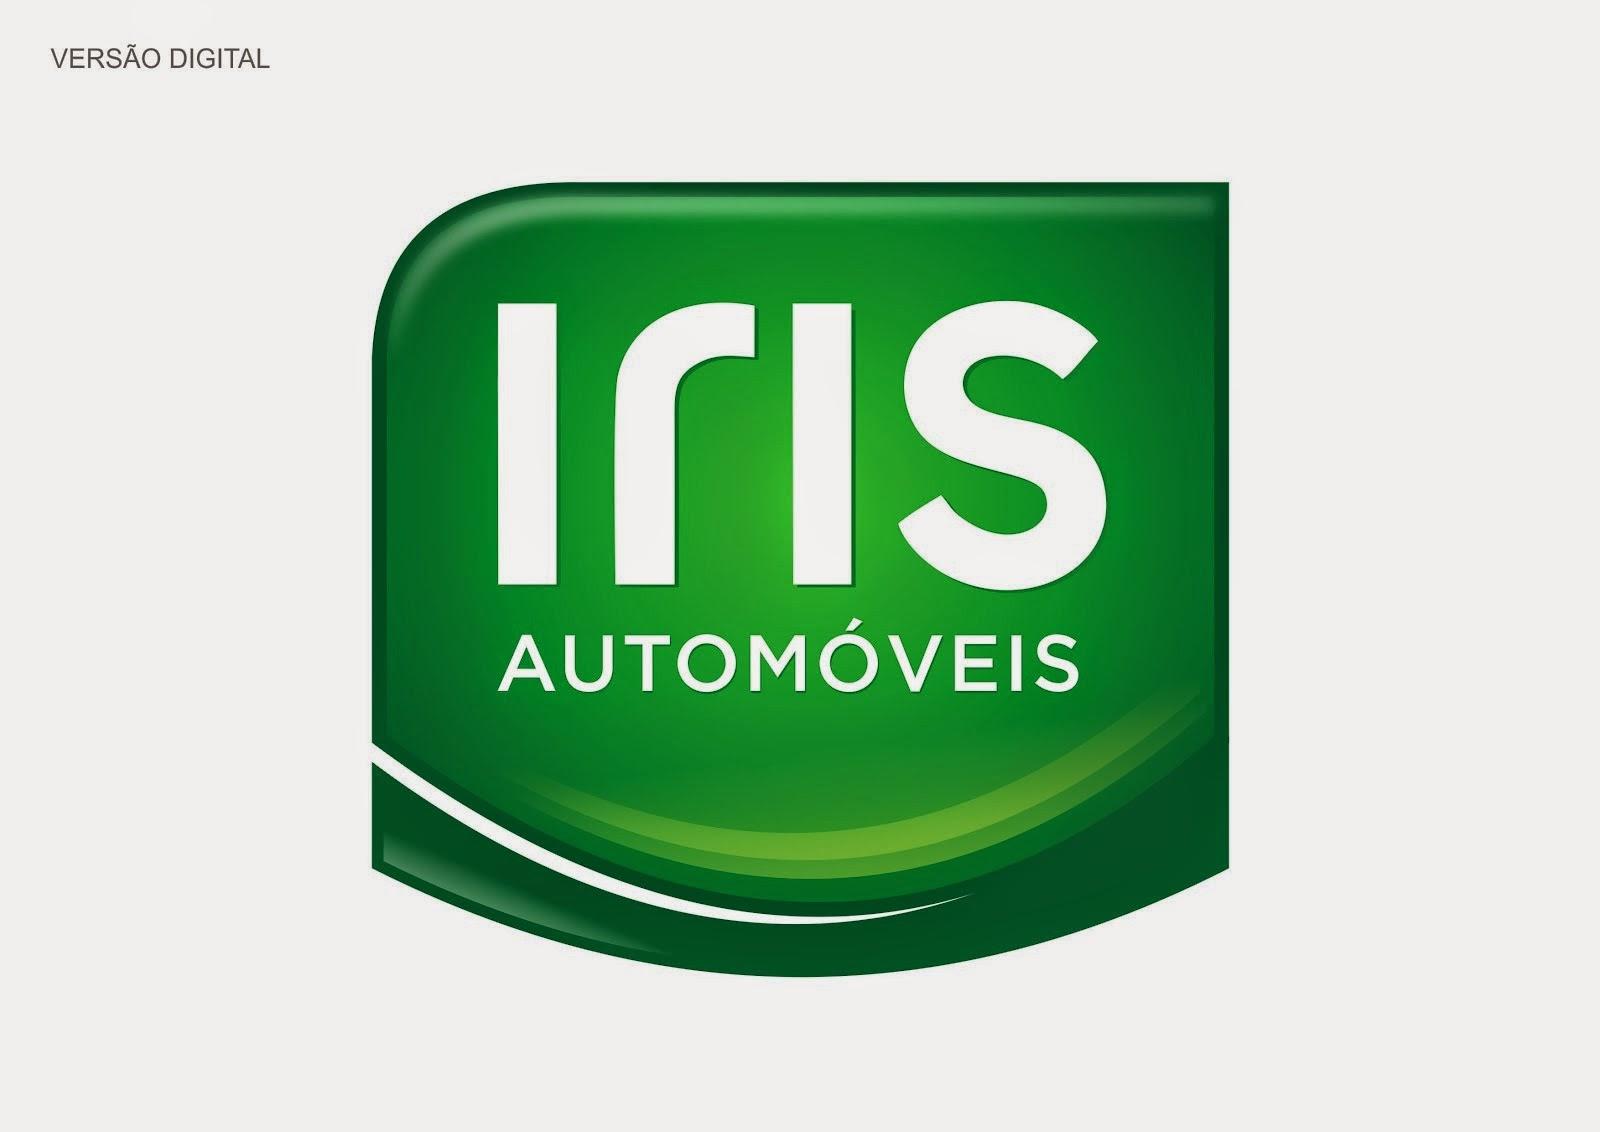 IRI'S AUTOMÓVEIS